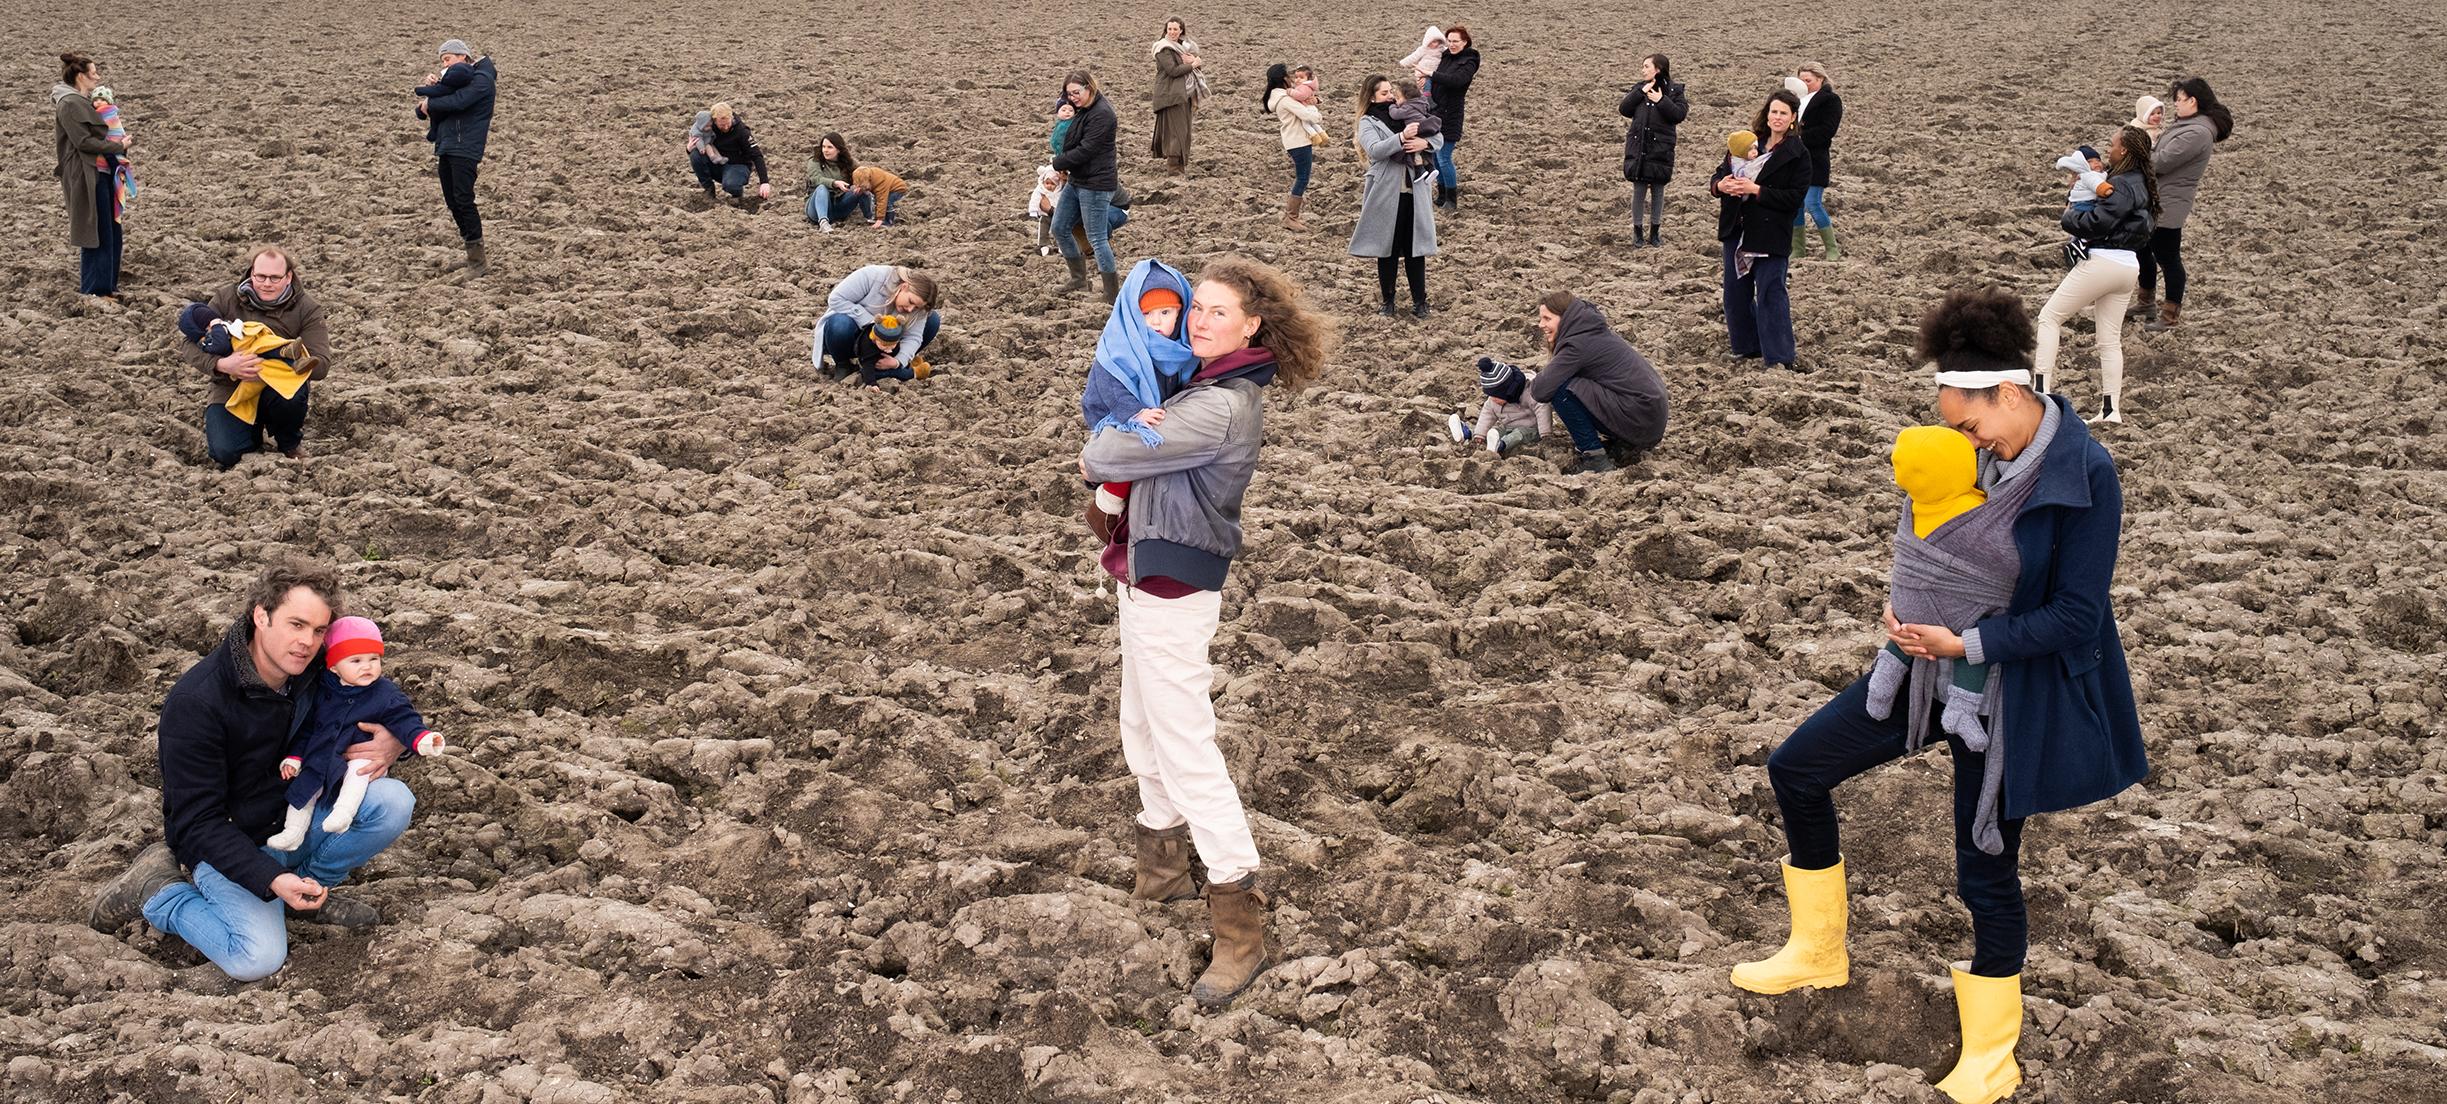 Tientallen organisaties (en baby's) pleiten voor een betere bodem